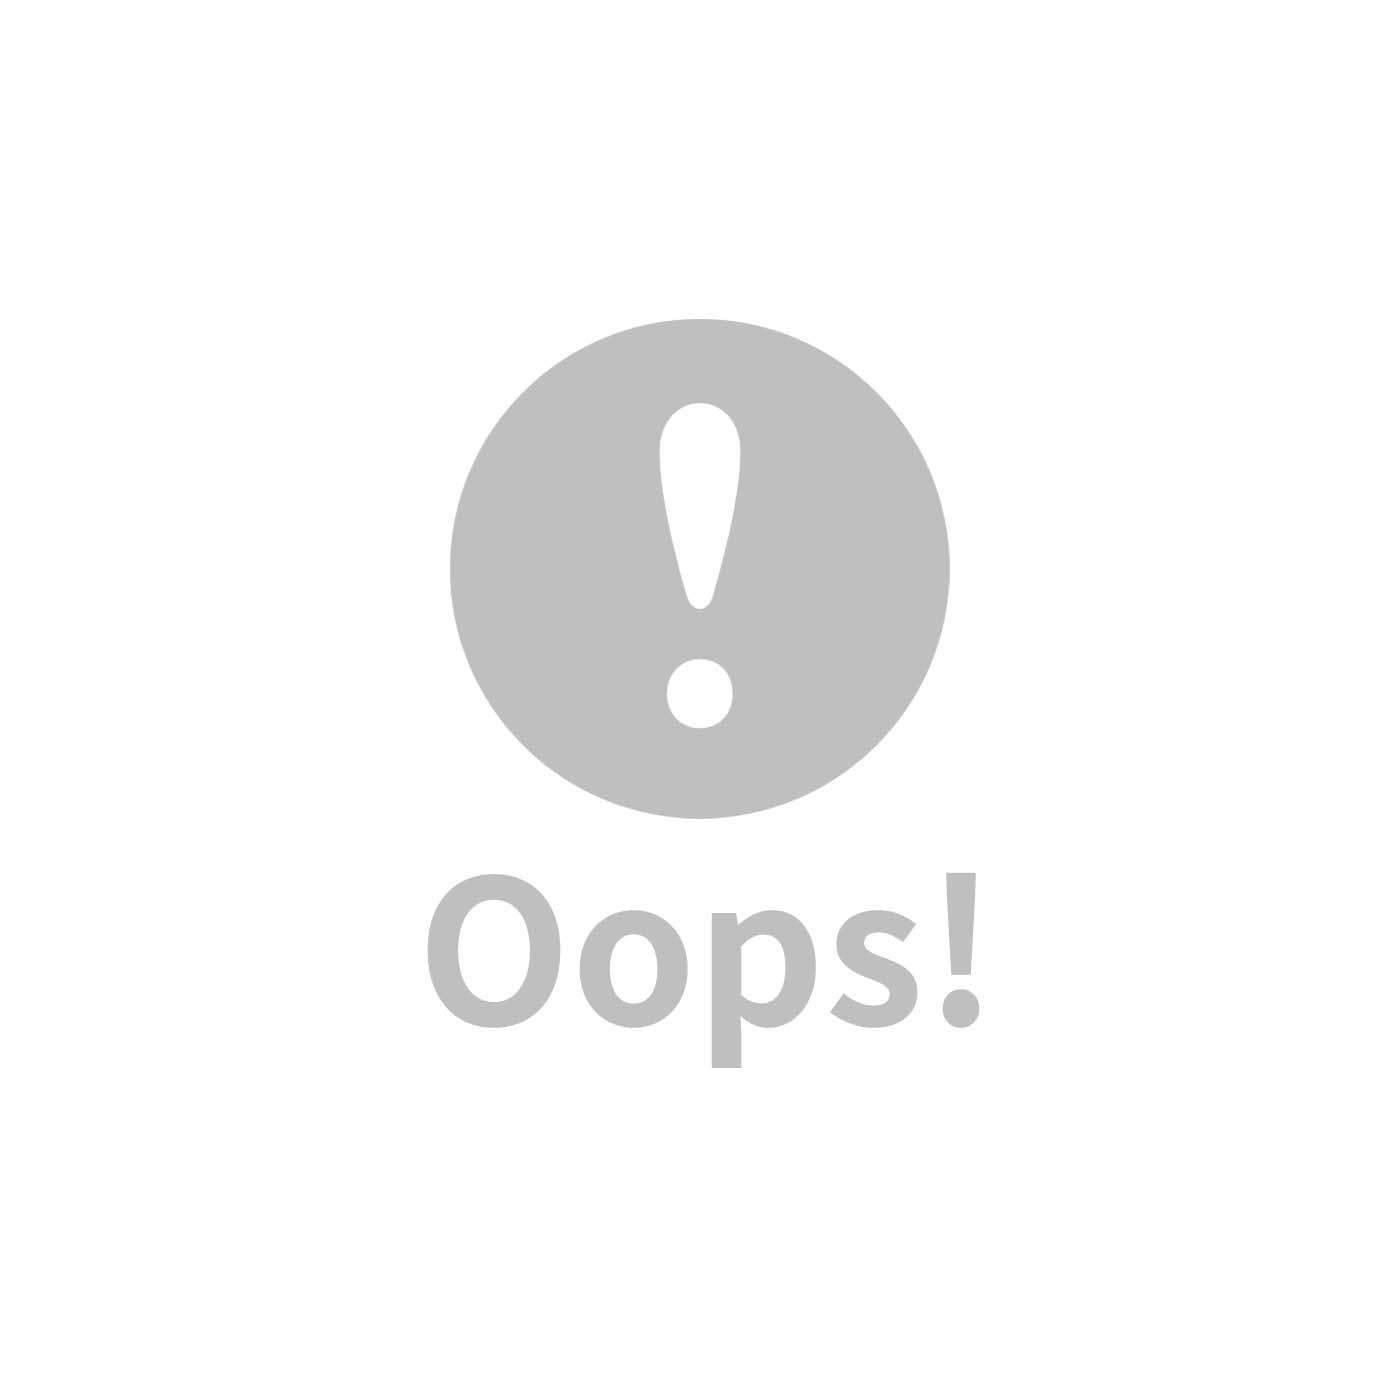 global affairs 童話手工編織安撫音樂鈴_海洋系列(熱帶小魚)